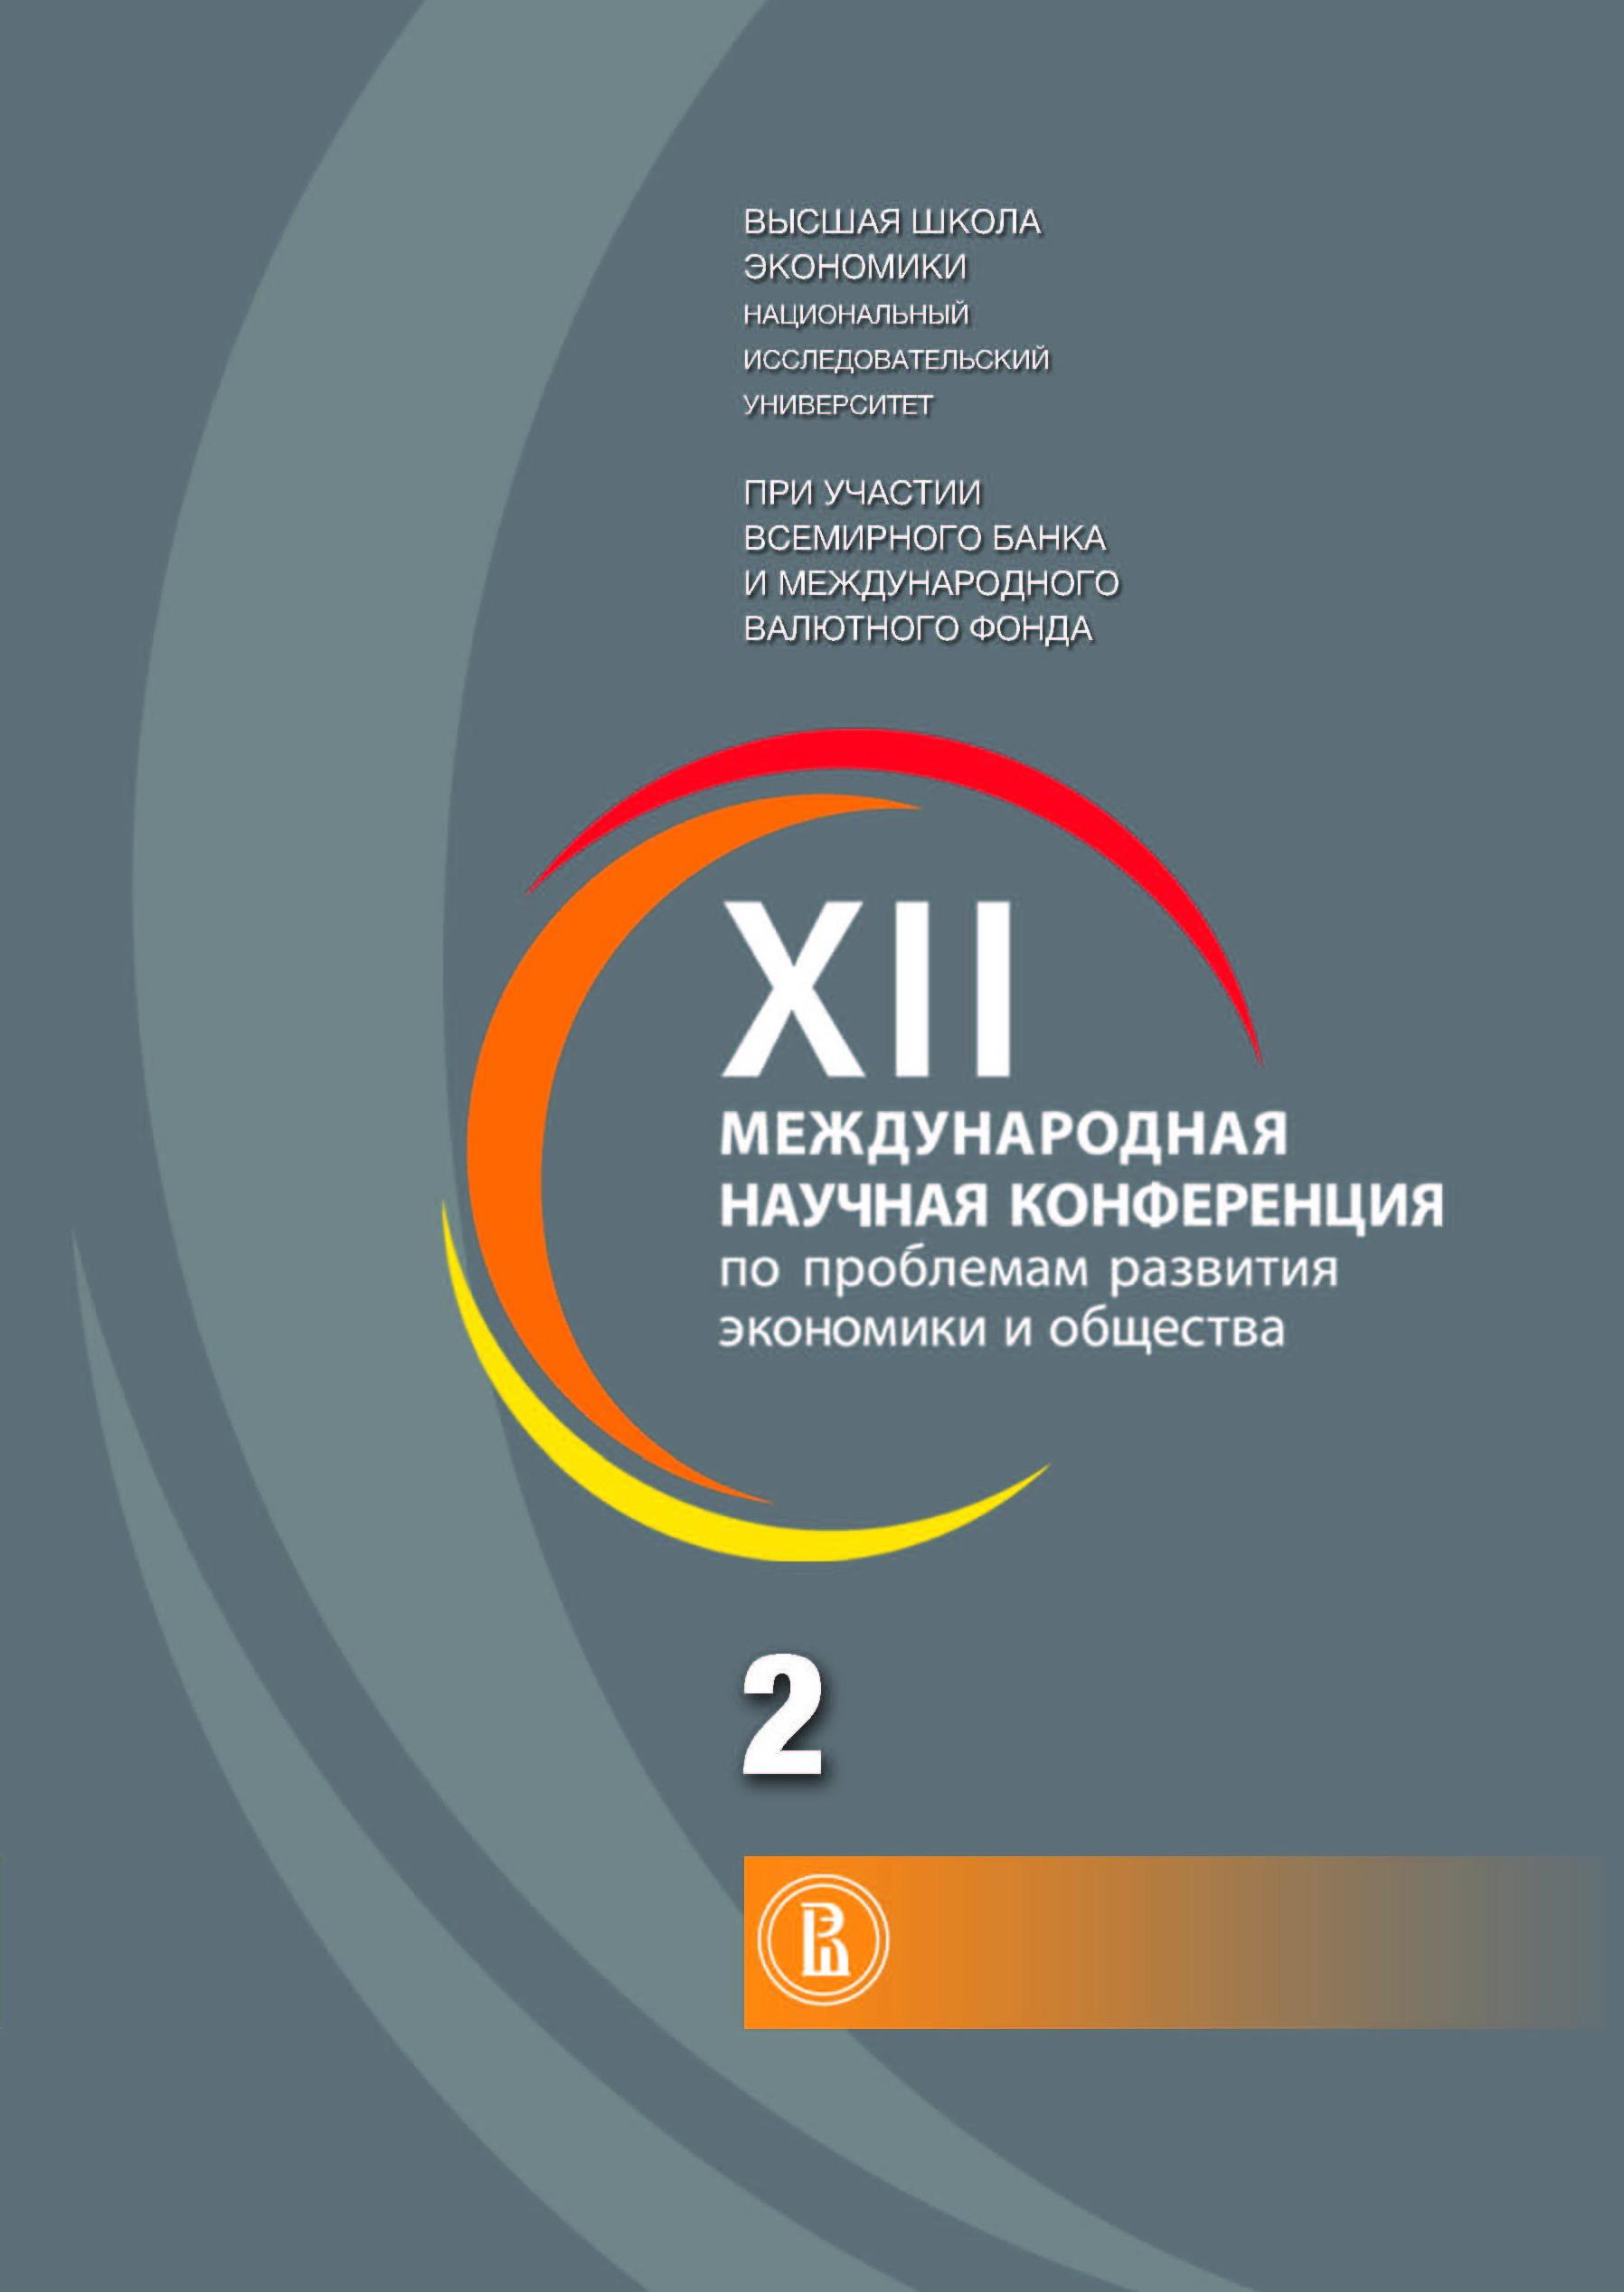 XII Международная научная конференция по проблемам развития экономики и общества. В четырех книгах. Книга 2